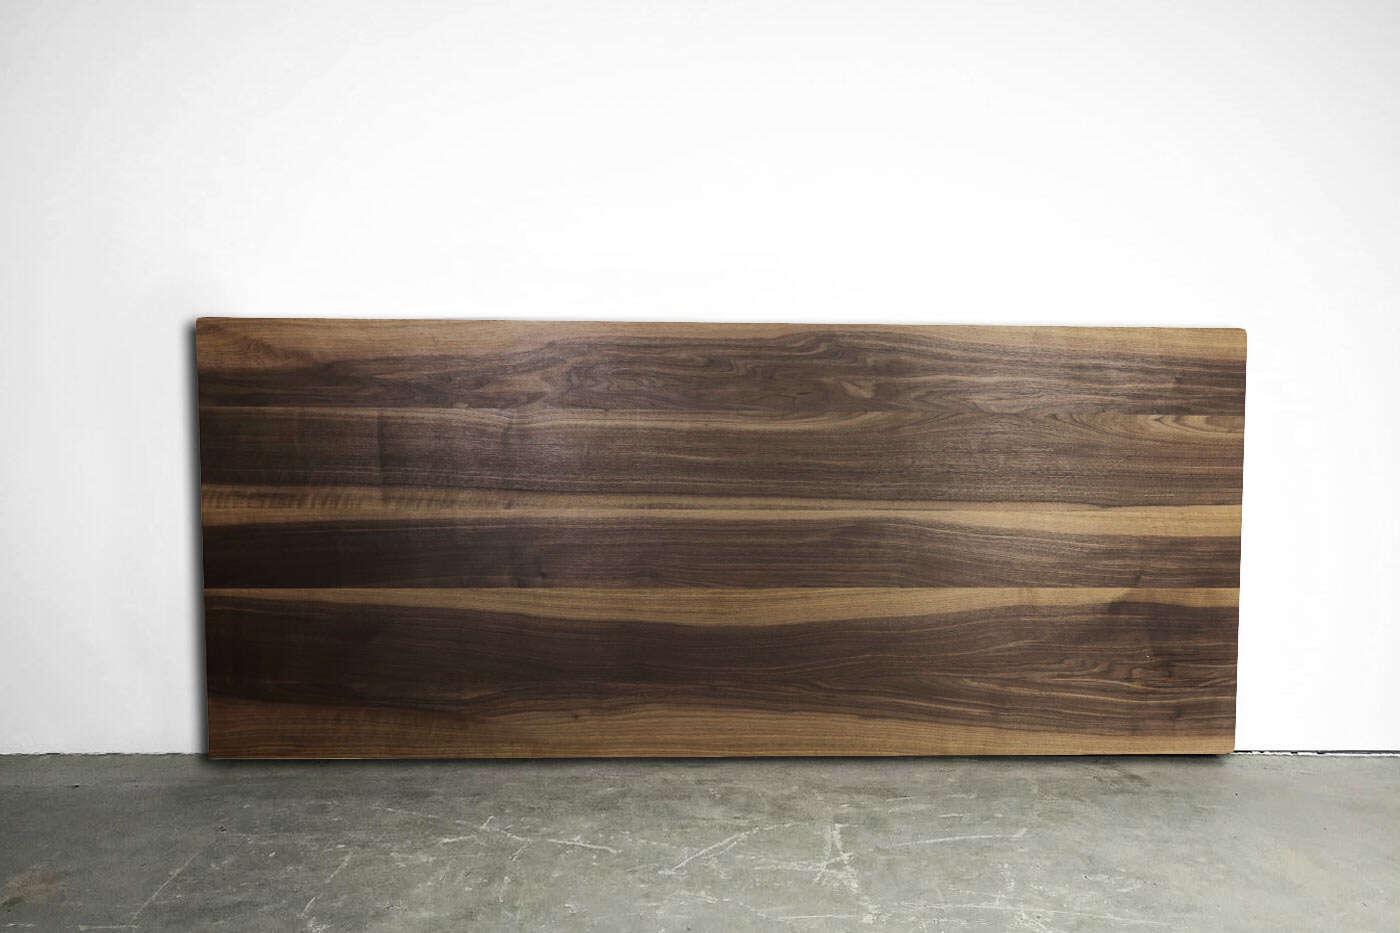 Massive Tischplatte Nussbaum Double-Up